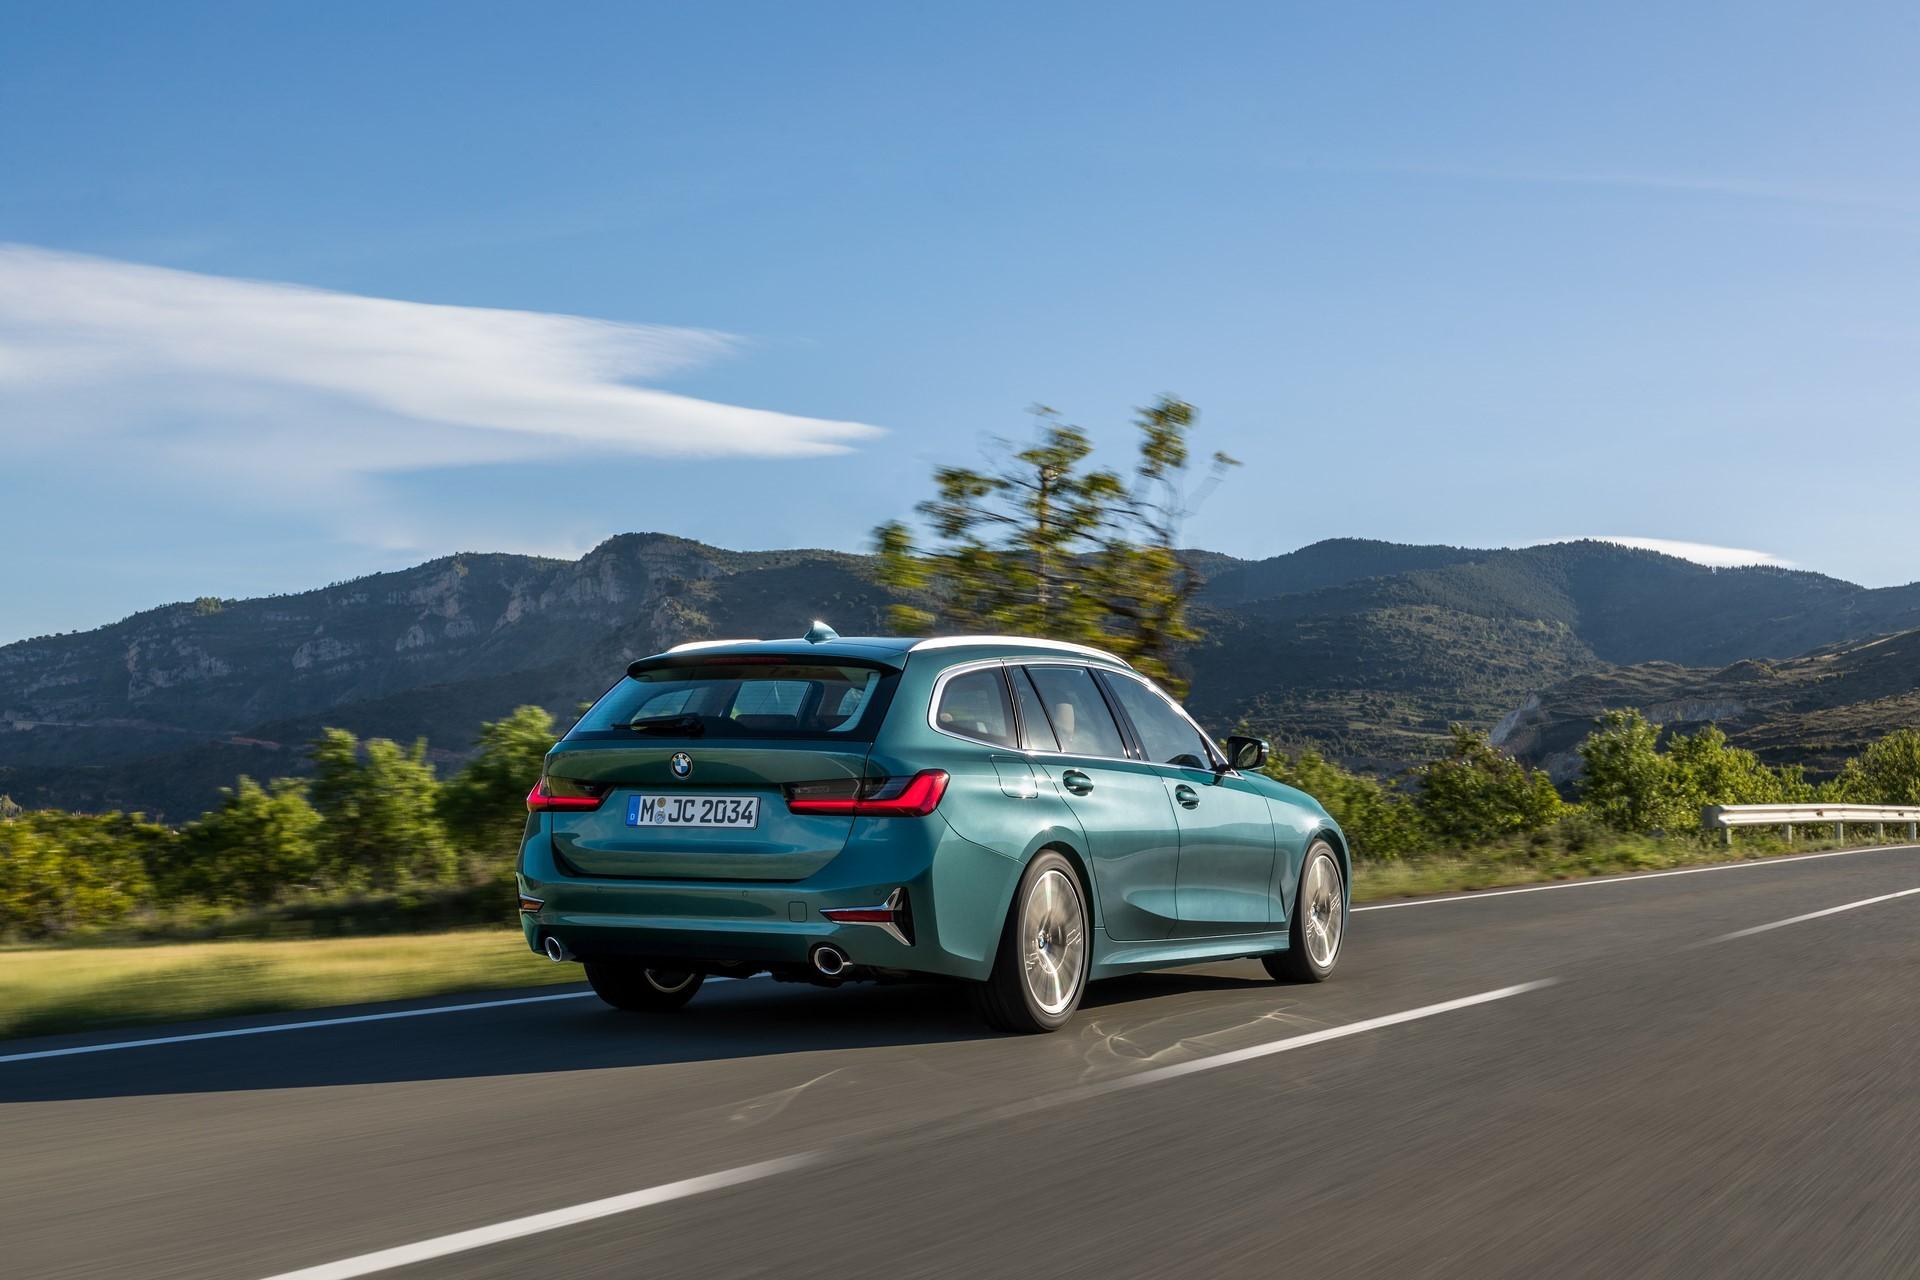 BMW-3-Series-Touring-2019-5